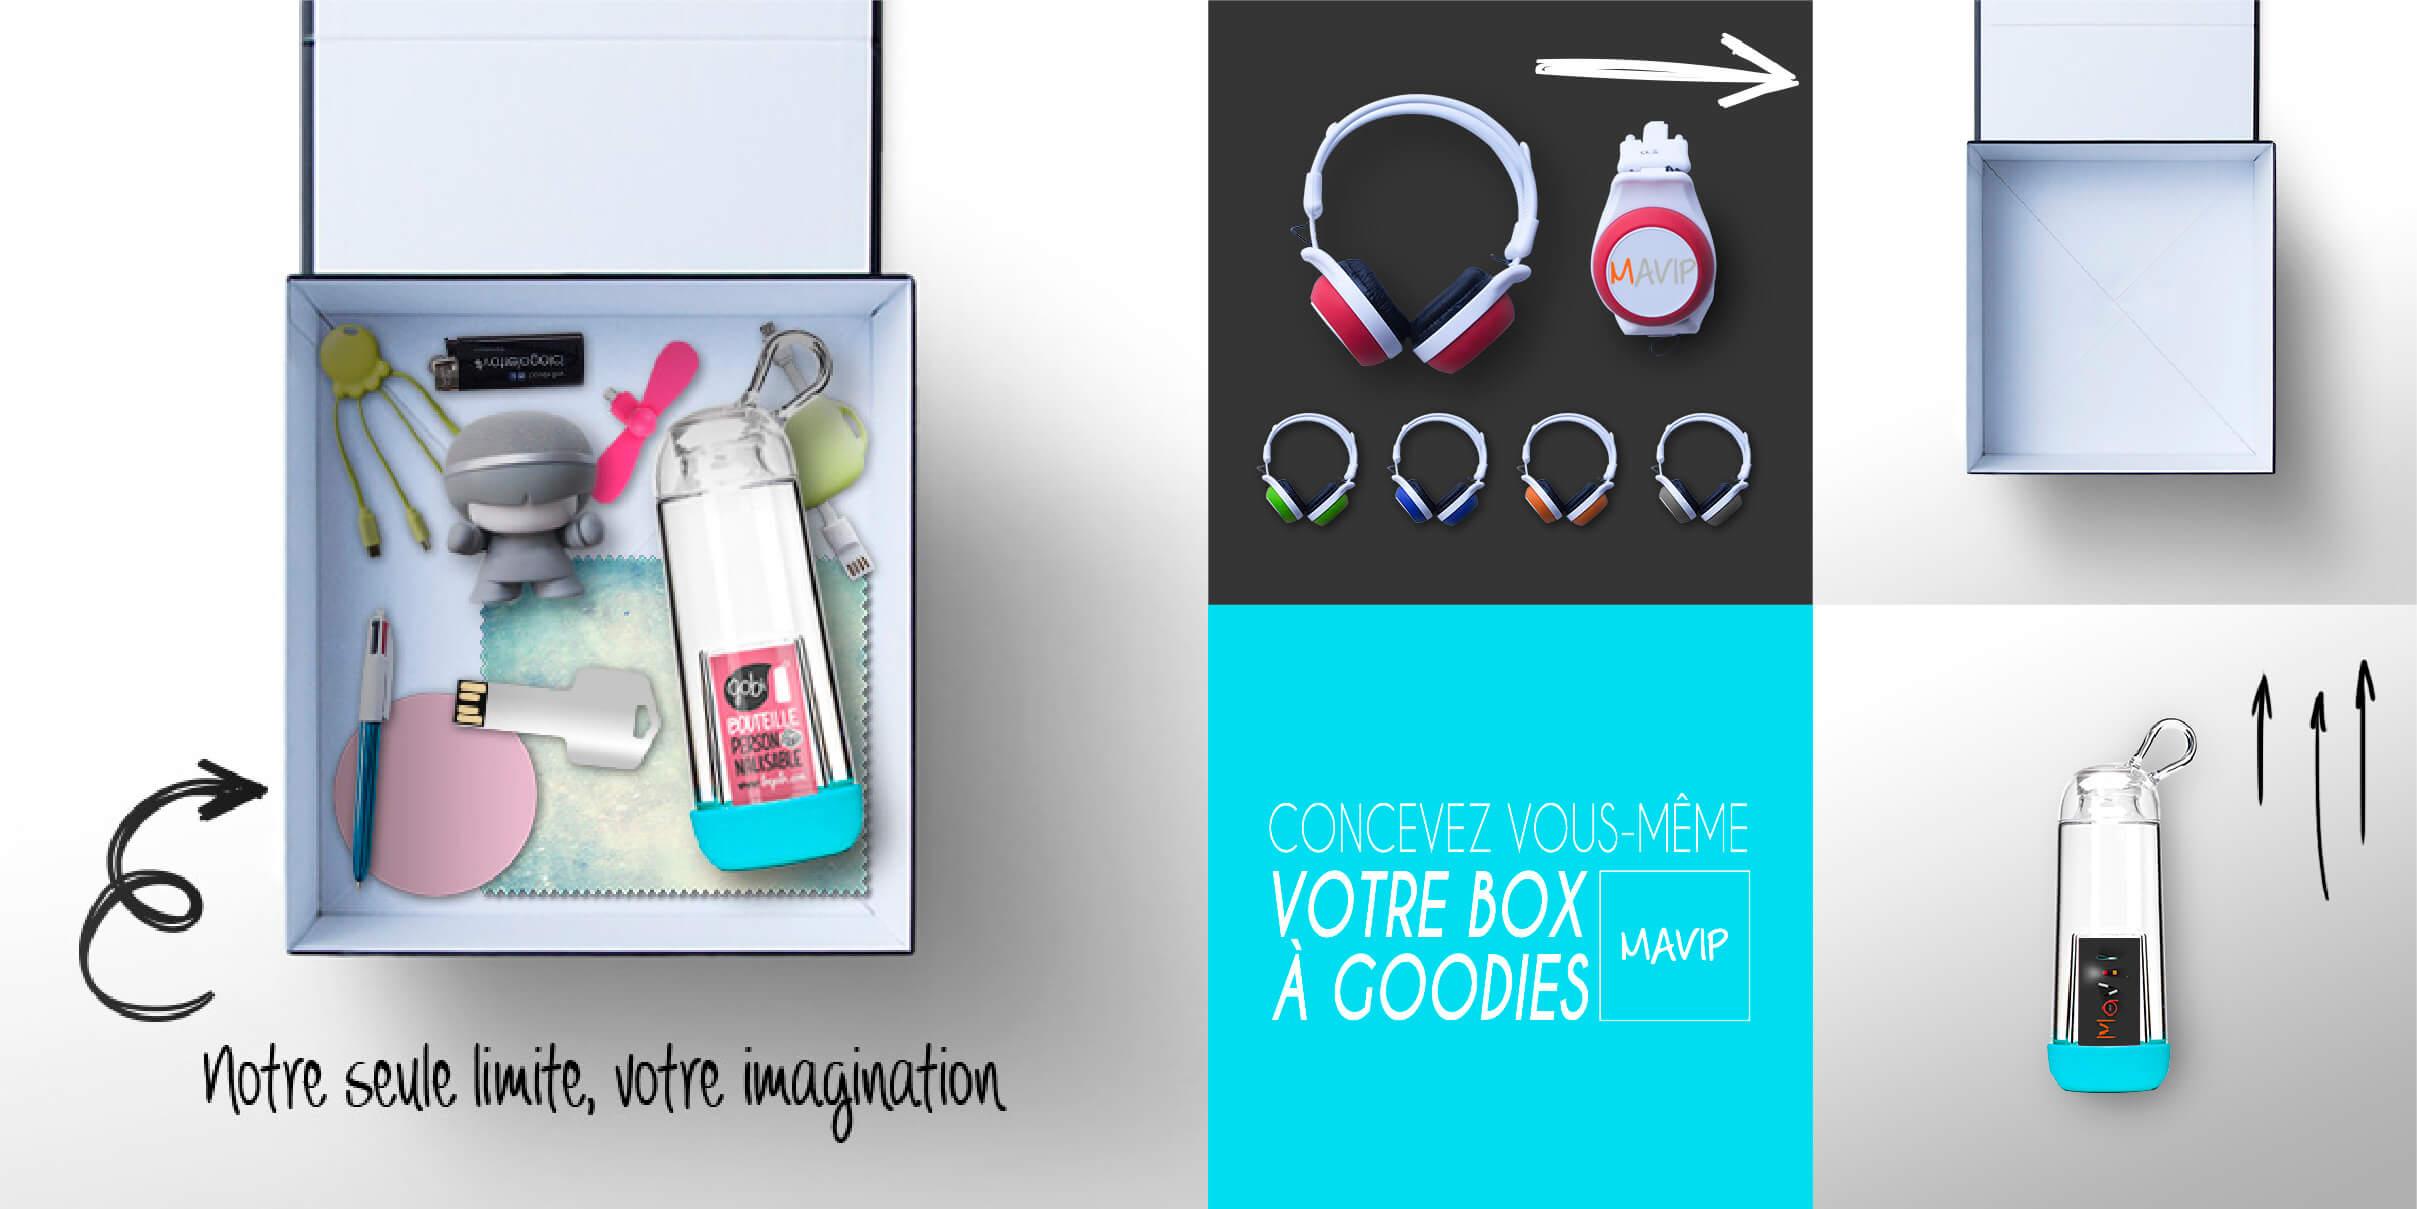 Composez vous même votre box personnalisée remplie de goodies